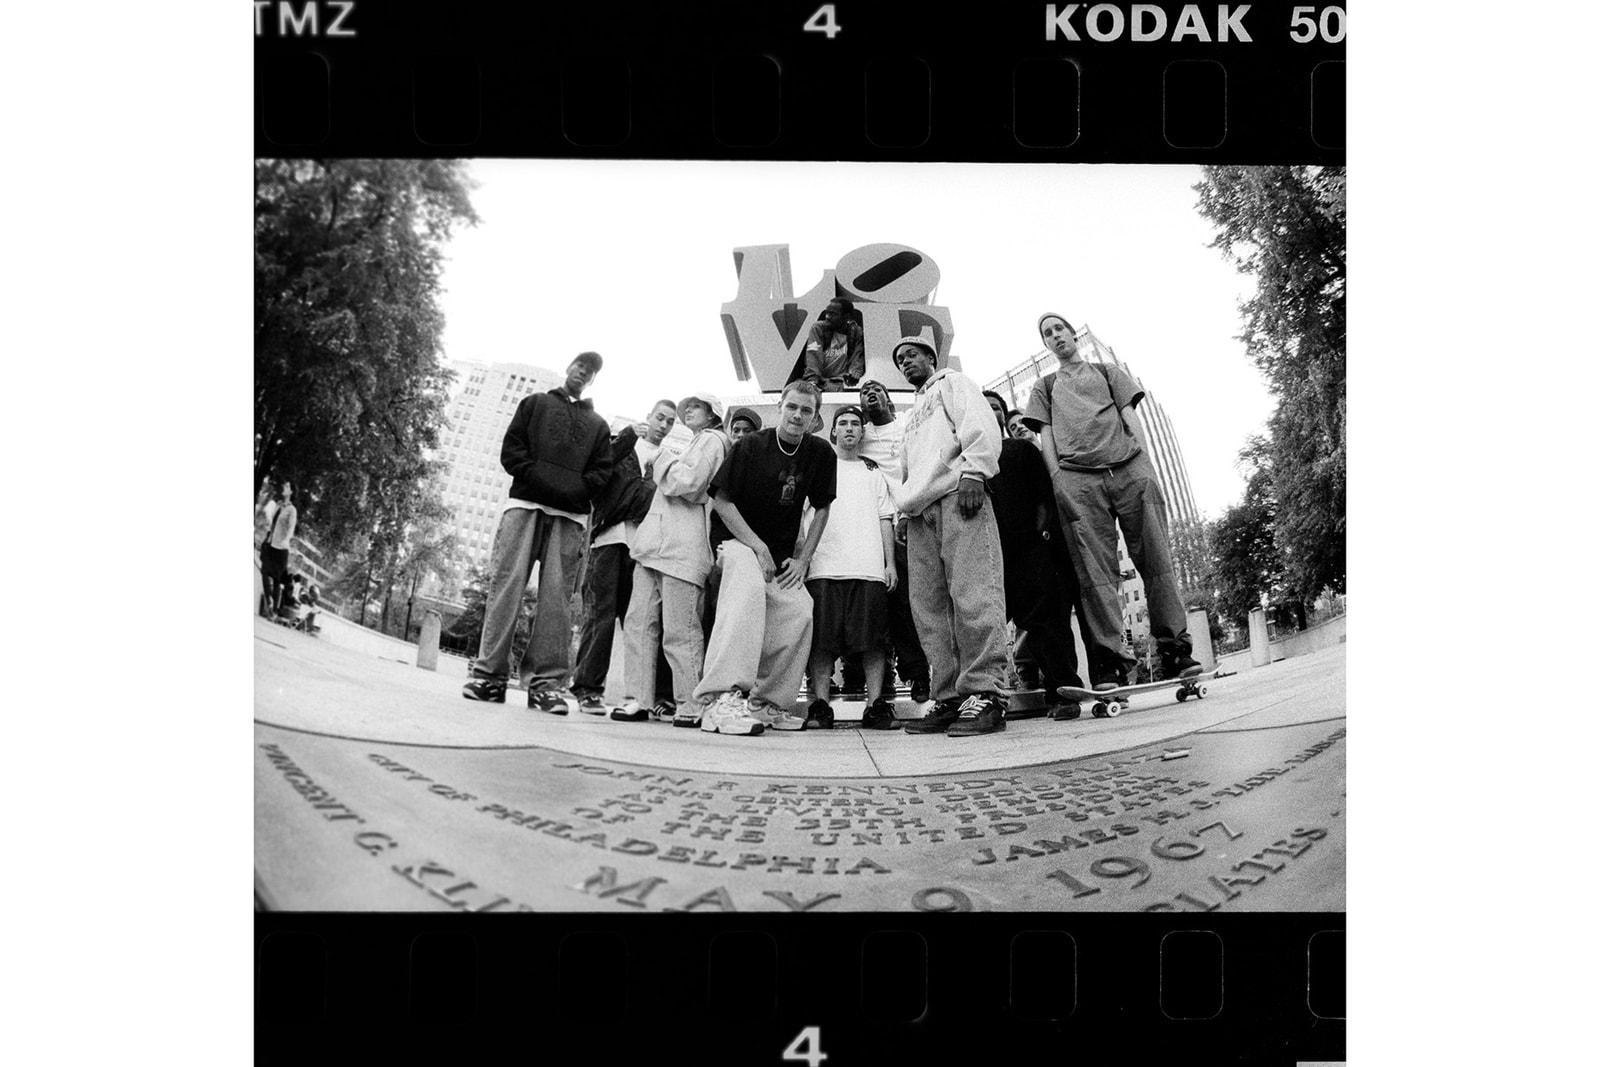 ジョシュ・カリス DC SHOES マイク・ブラバック インタビュー スケートボード スケート 写真 シグネチャー Kalis OG